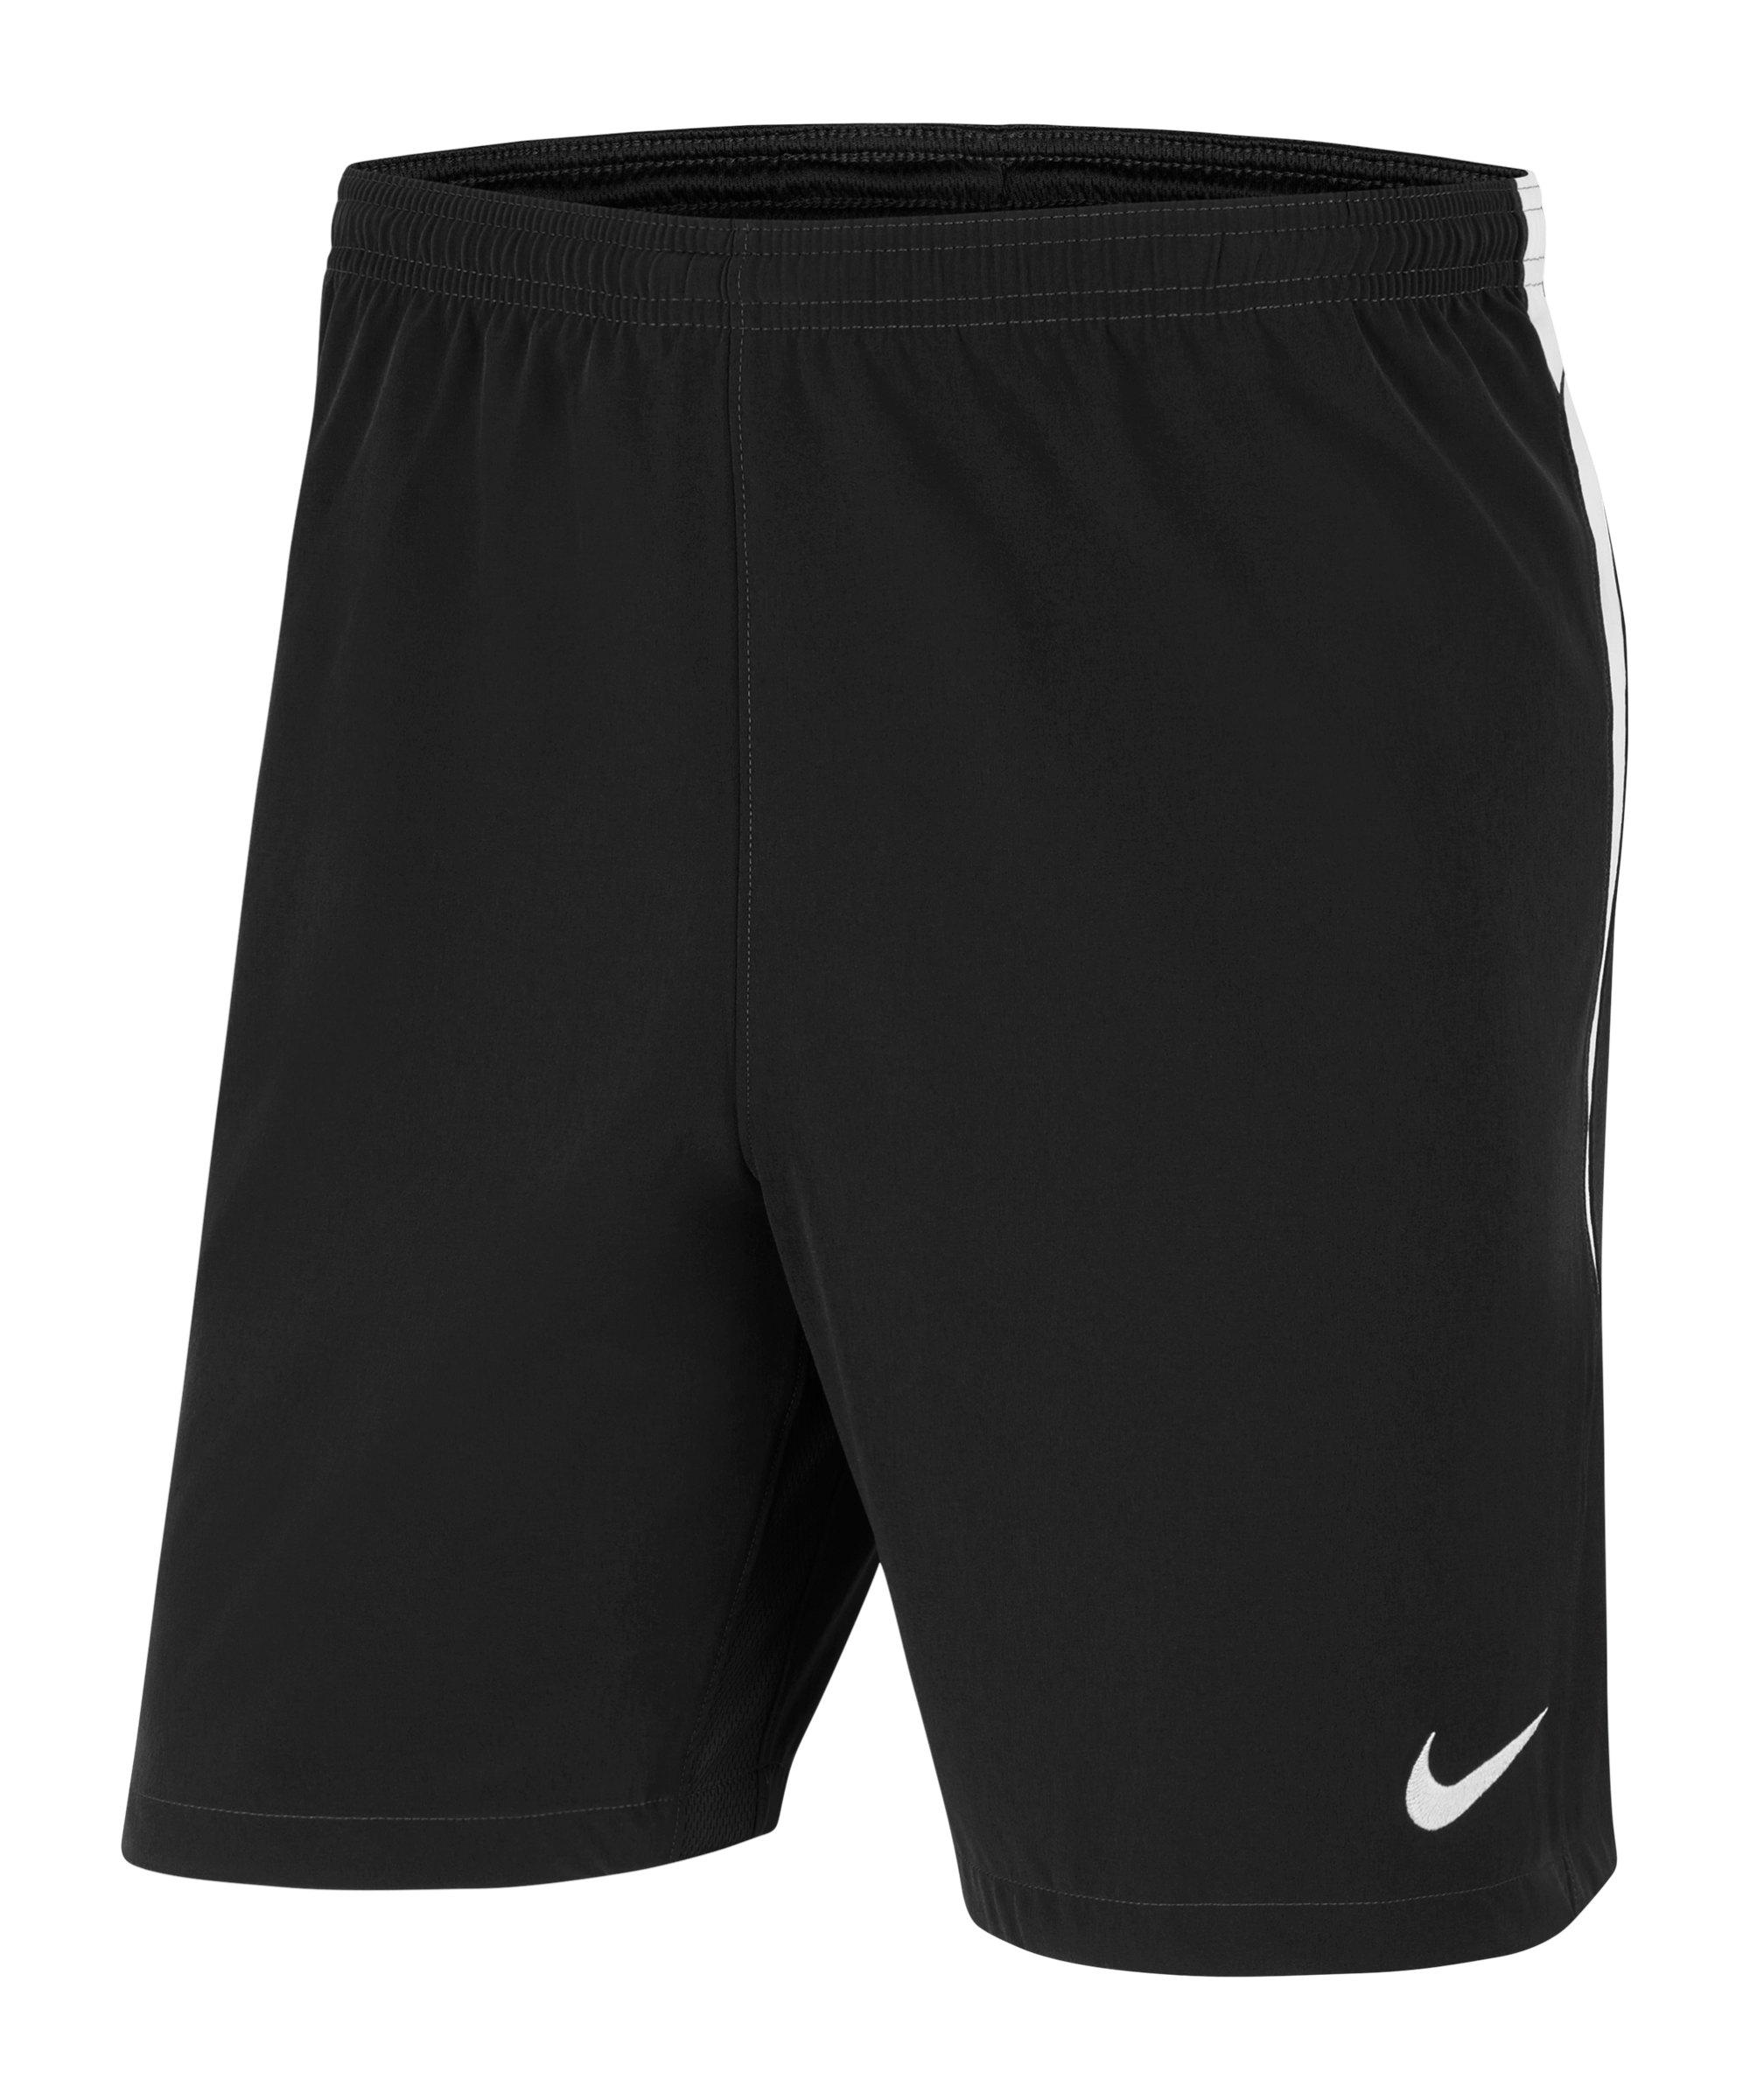 Nike Venom III Woven Short Schwarz Weiss F010 - schwarz